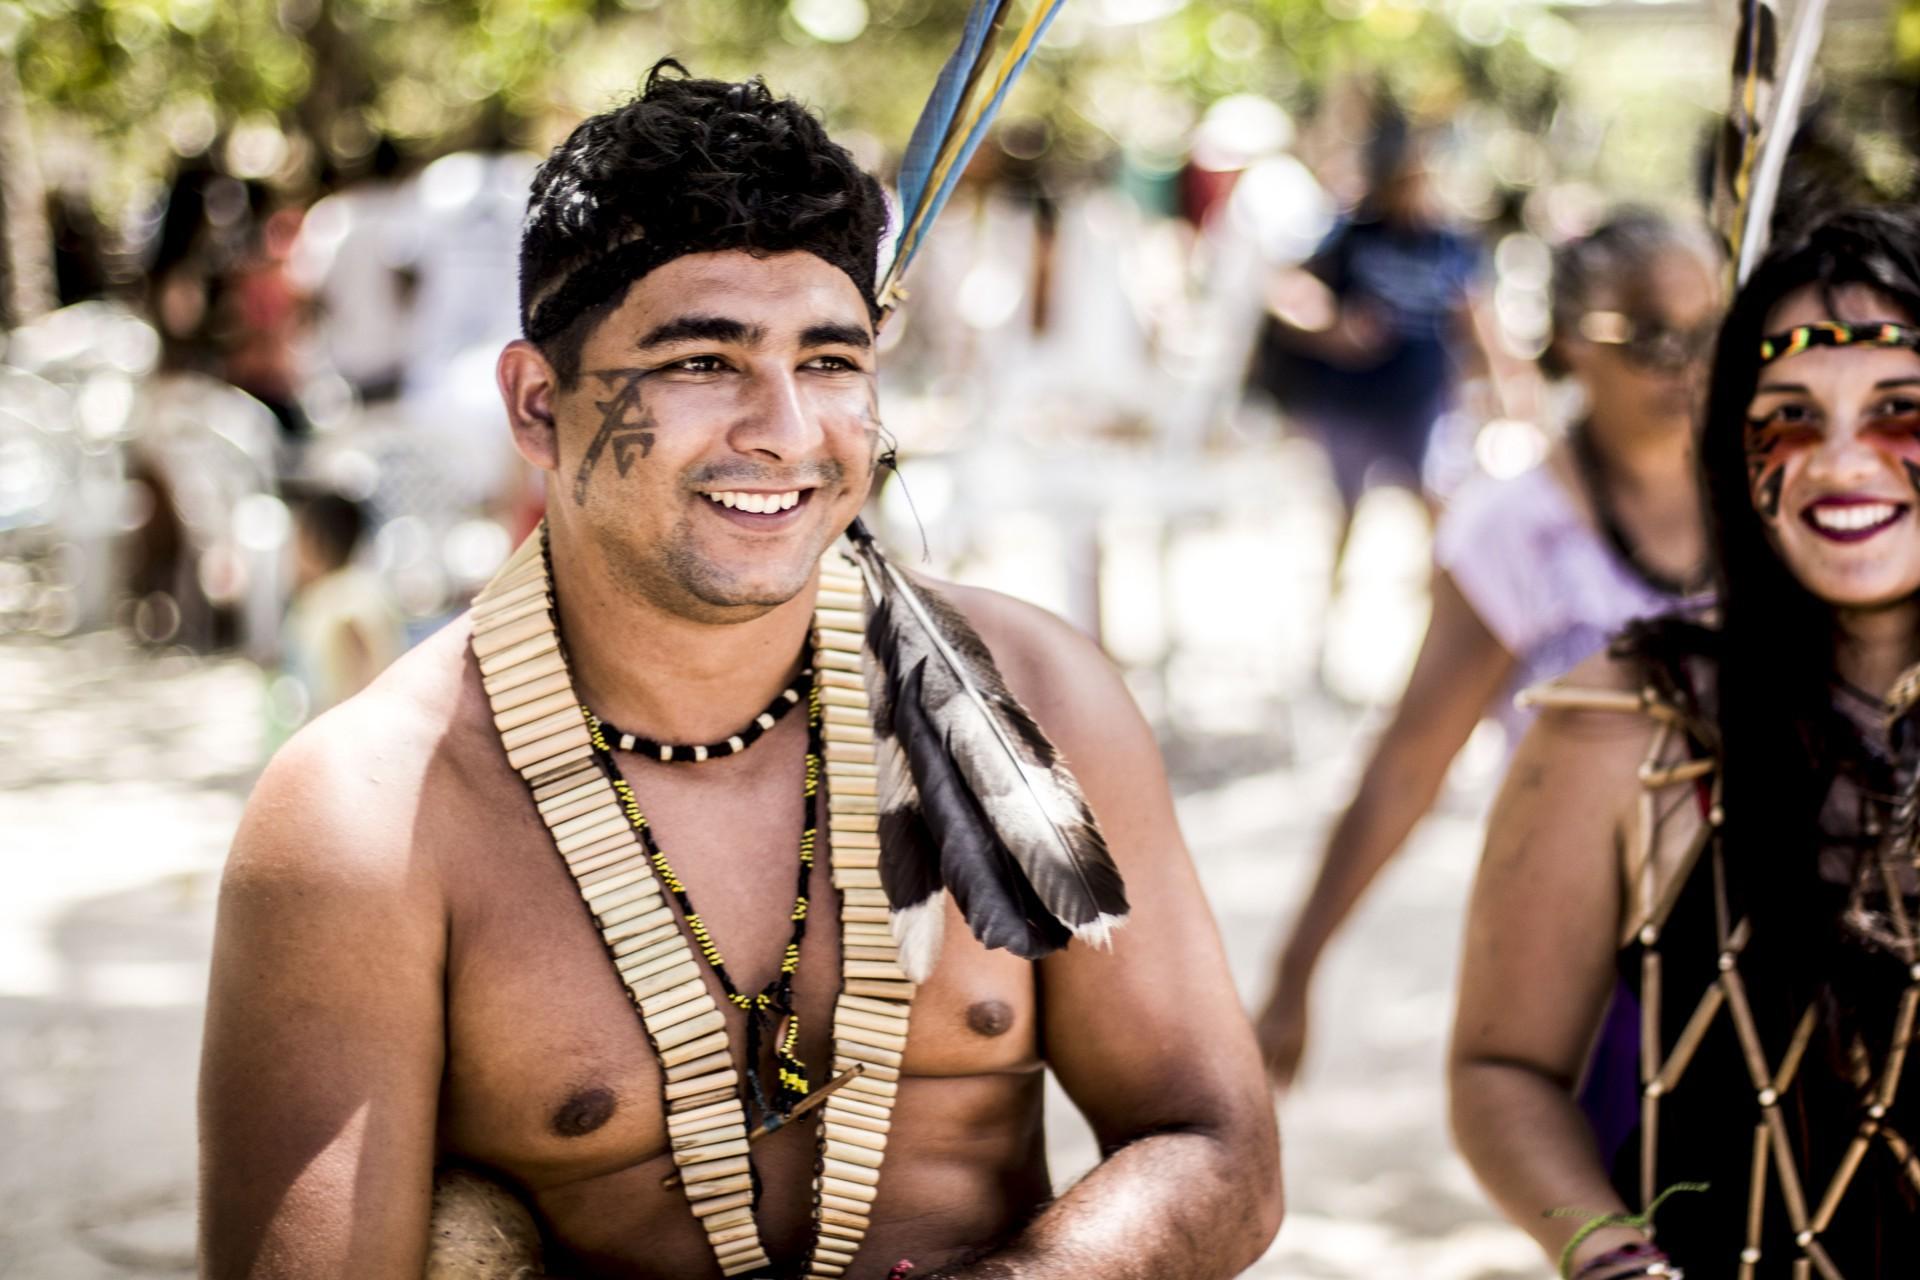 (Foto: Iago Barreto/ Divulgação)Iago Barreto, autor das imagens, é arte-educador, artista e comunicador comunitário.